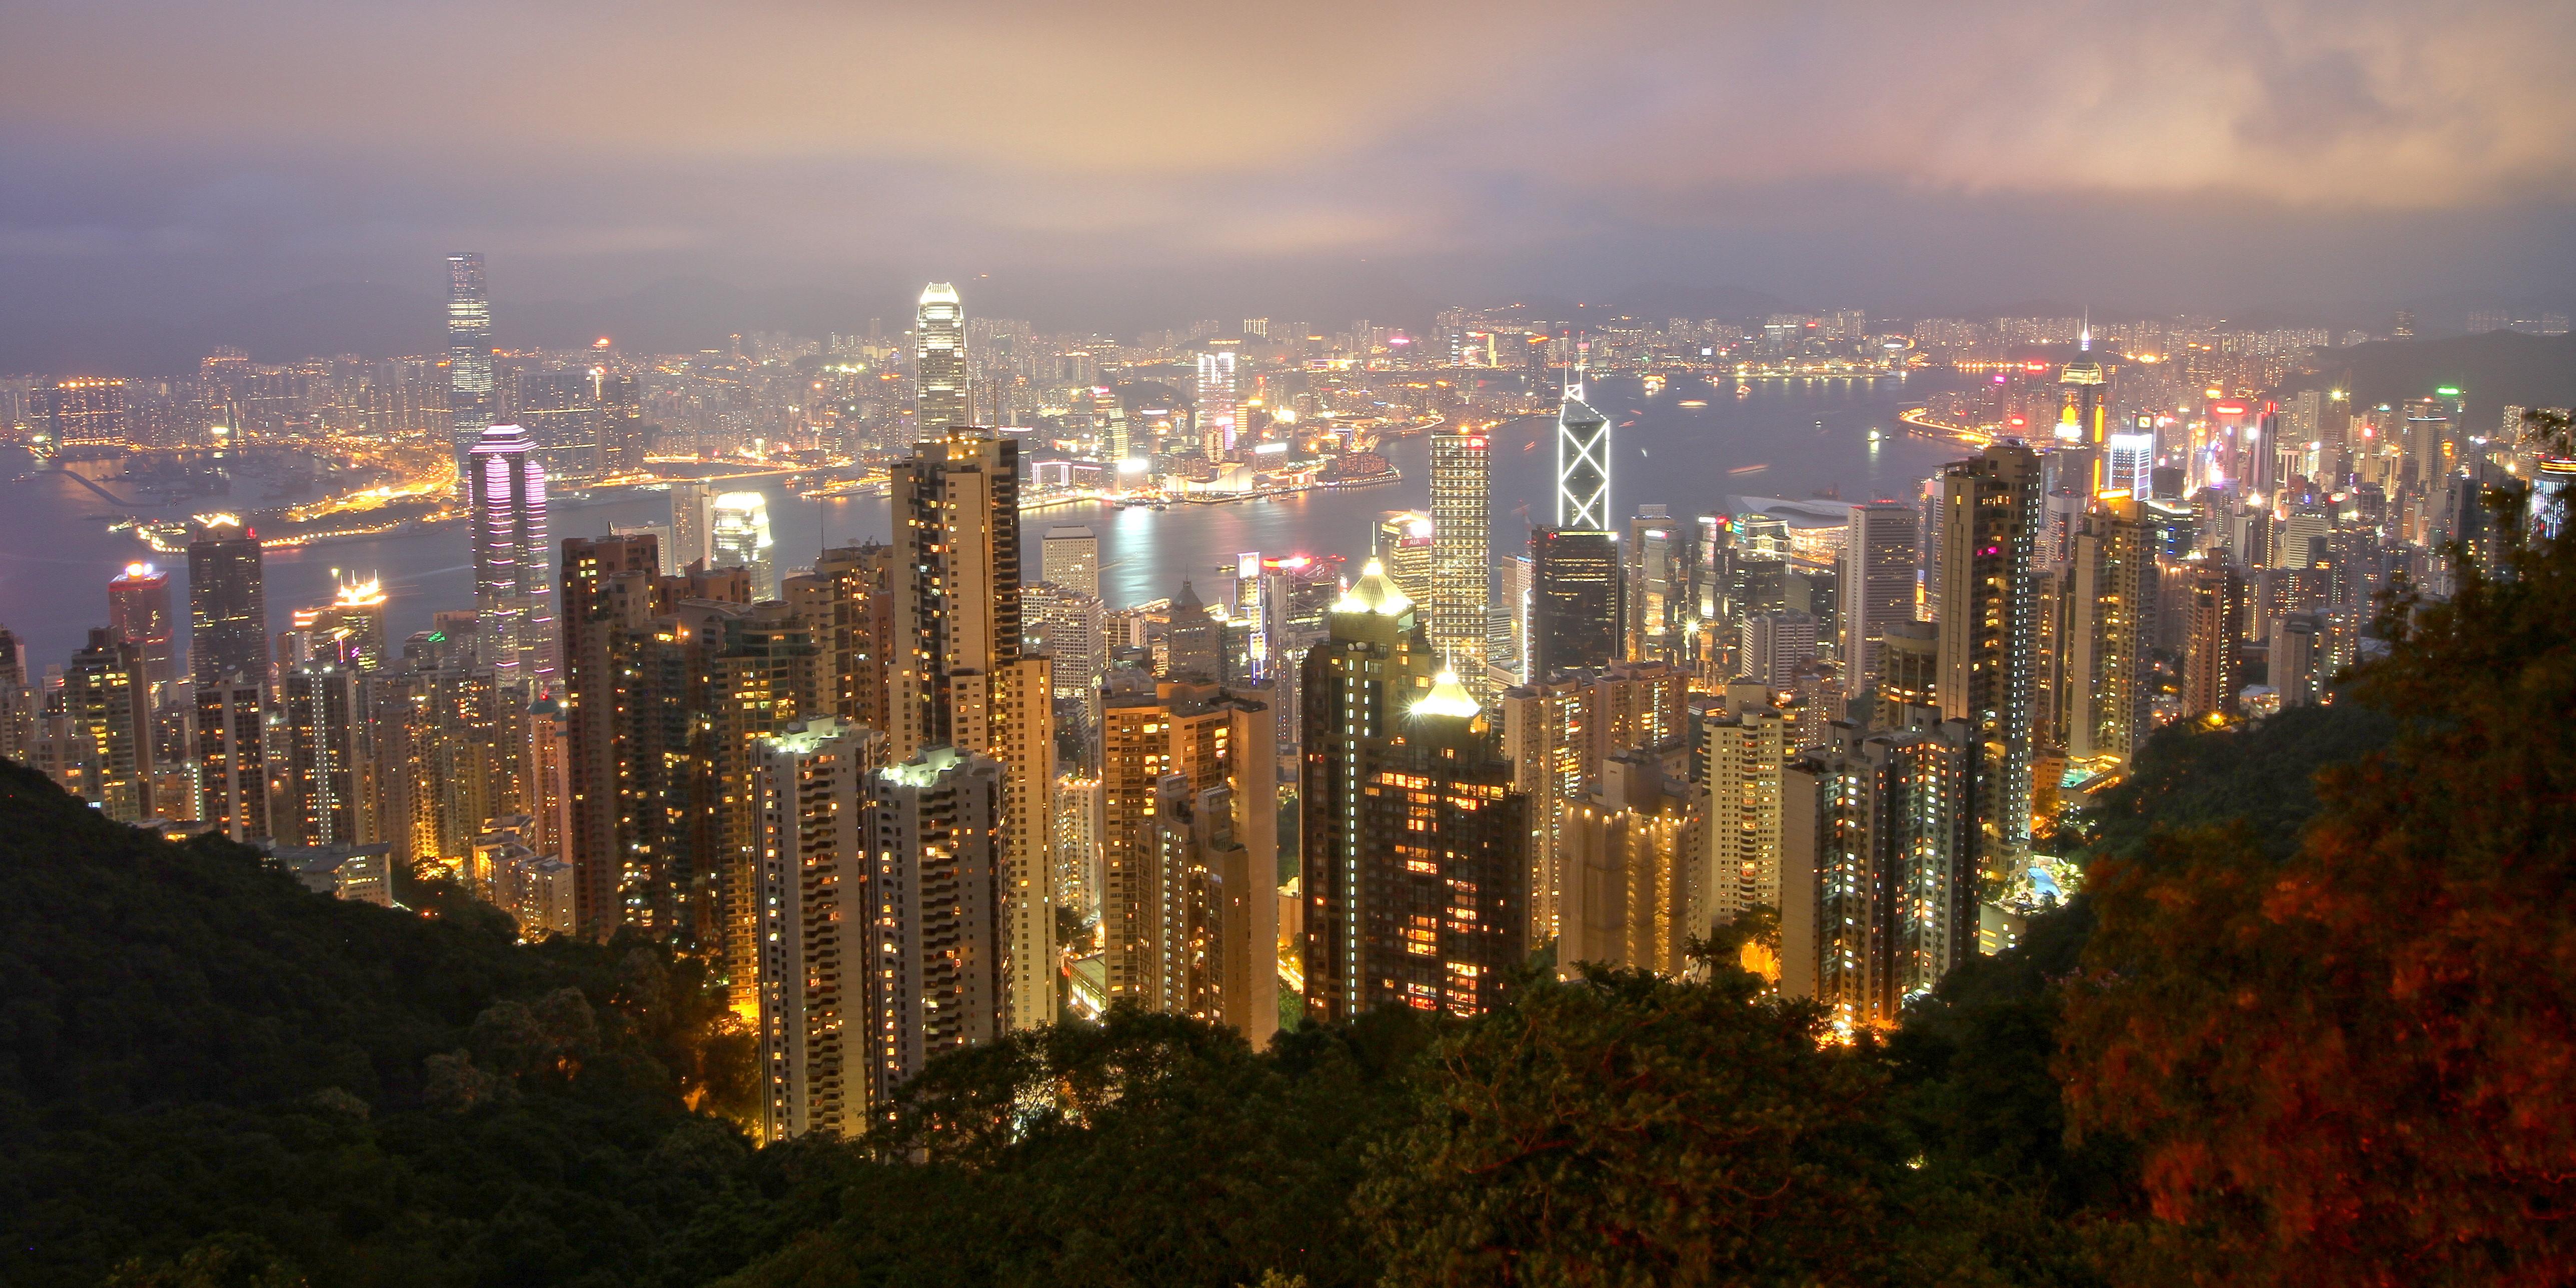 人力資源機構料香港明年薪酬增長4%    計及通脹僅升1.8%